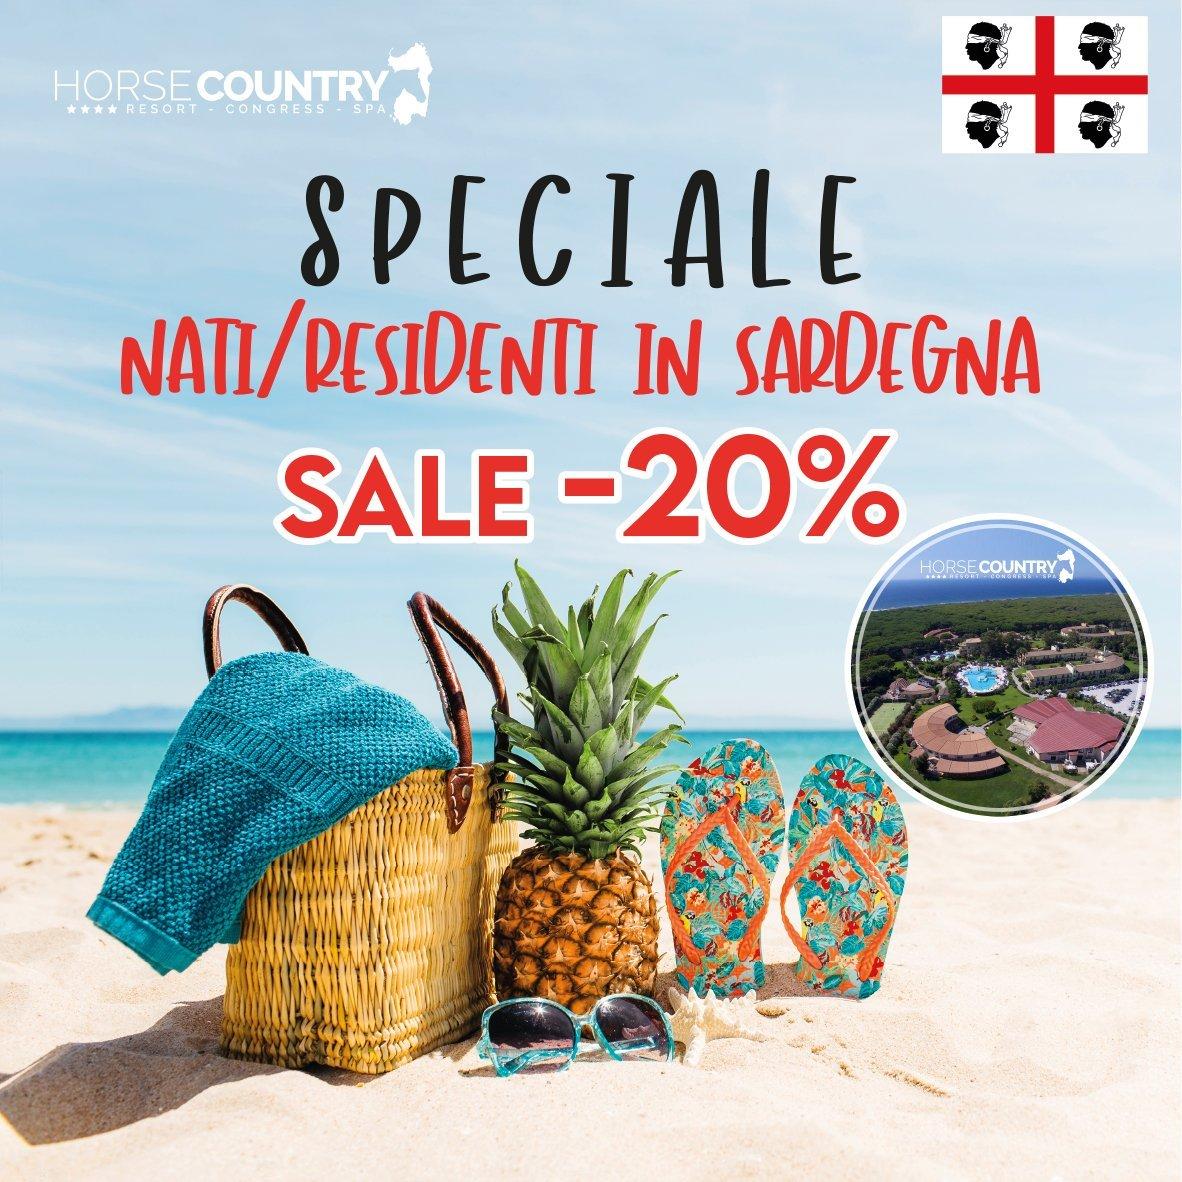 """20% DI SCONTO PER I """"RESIDENTI / NATI IN SARDEGNA"""""""